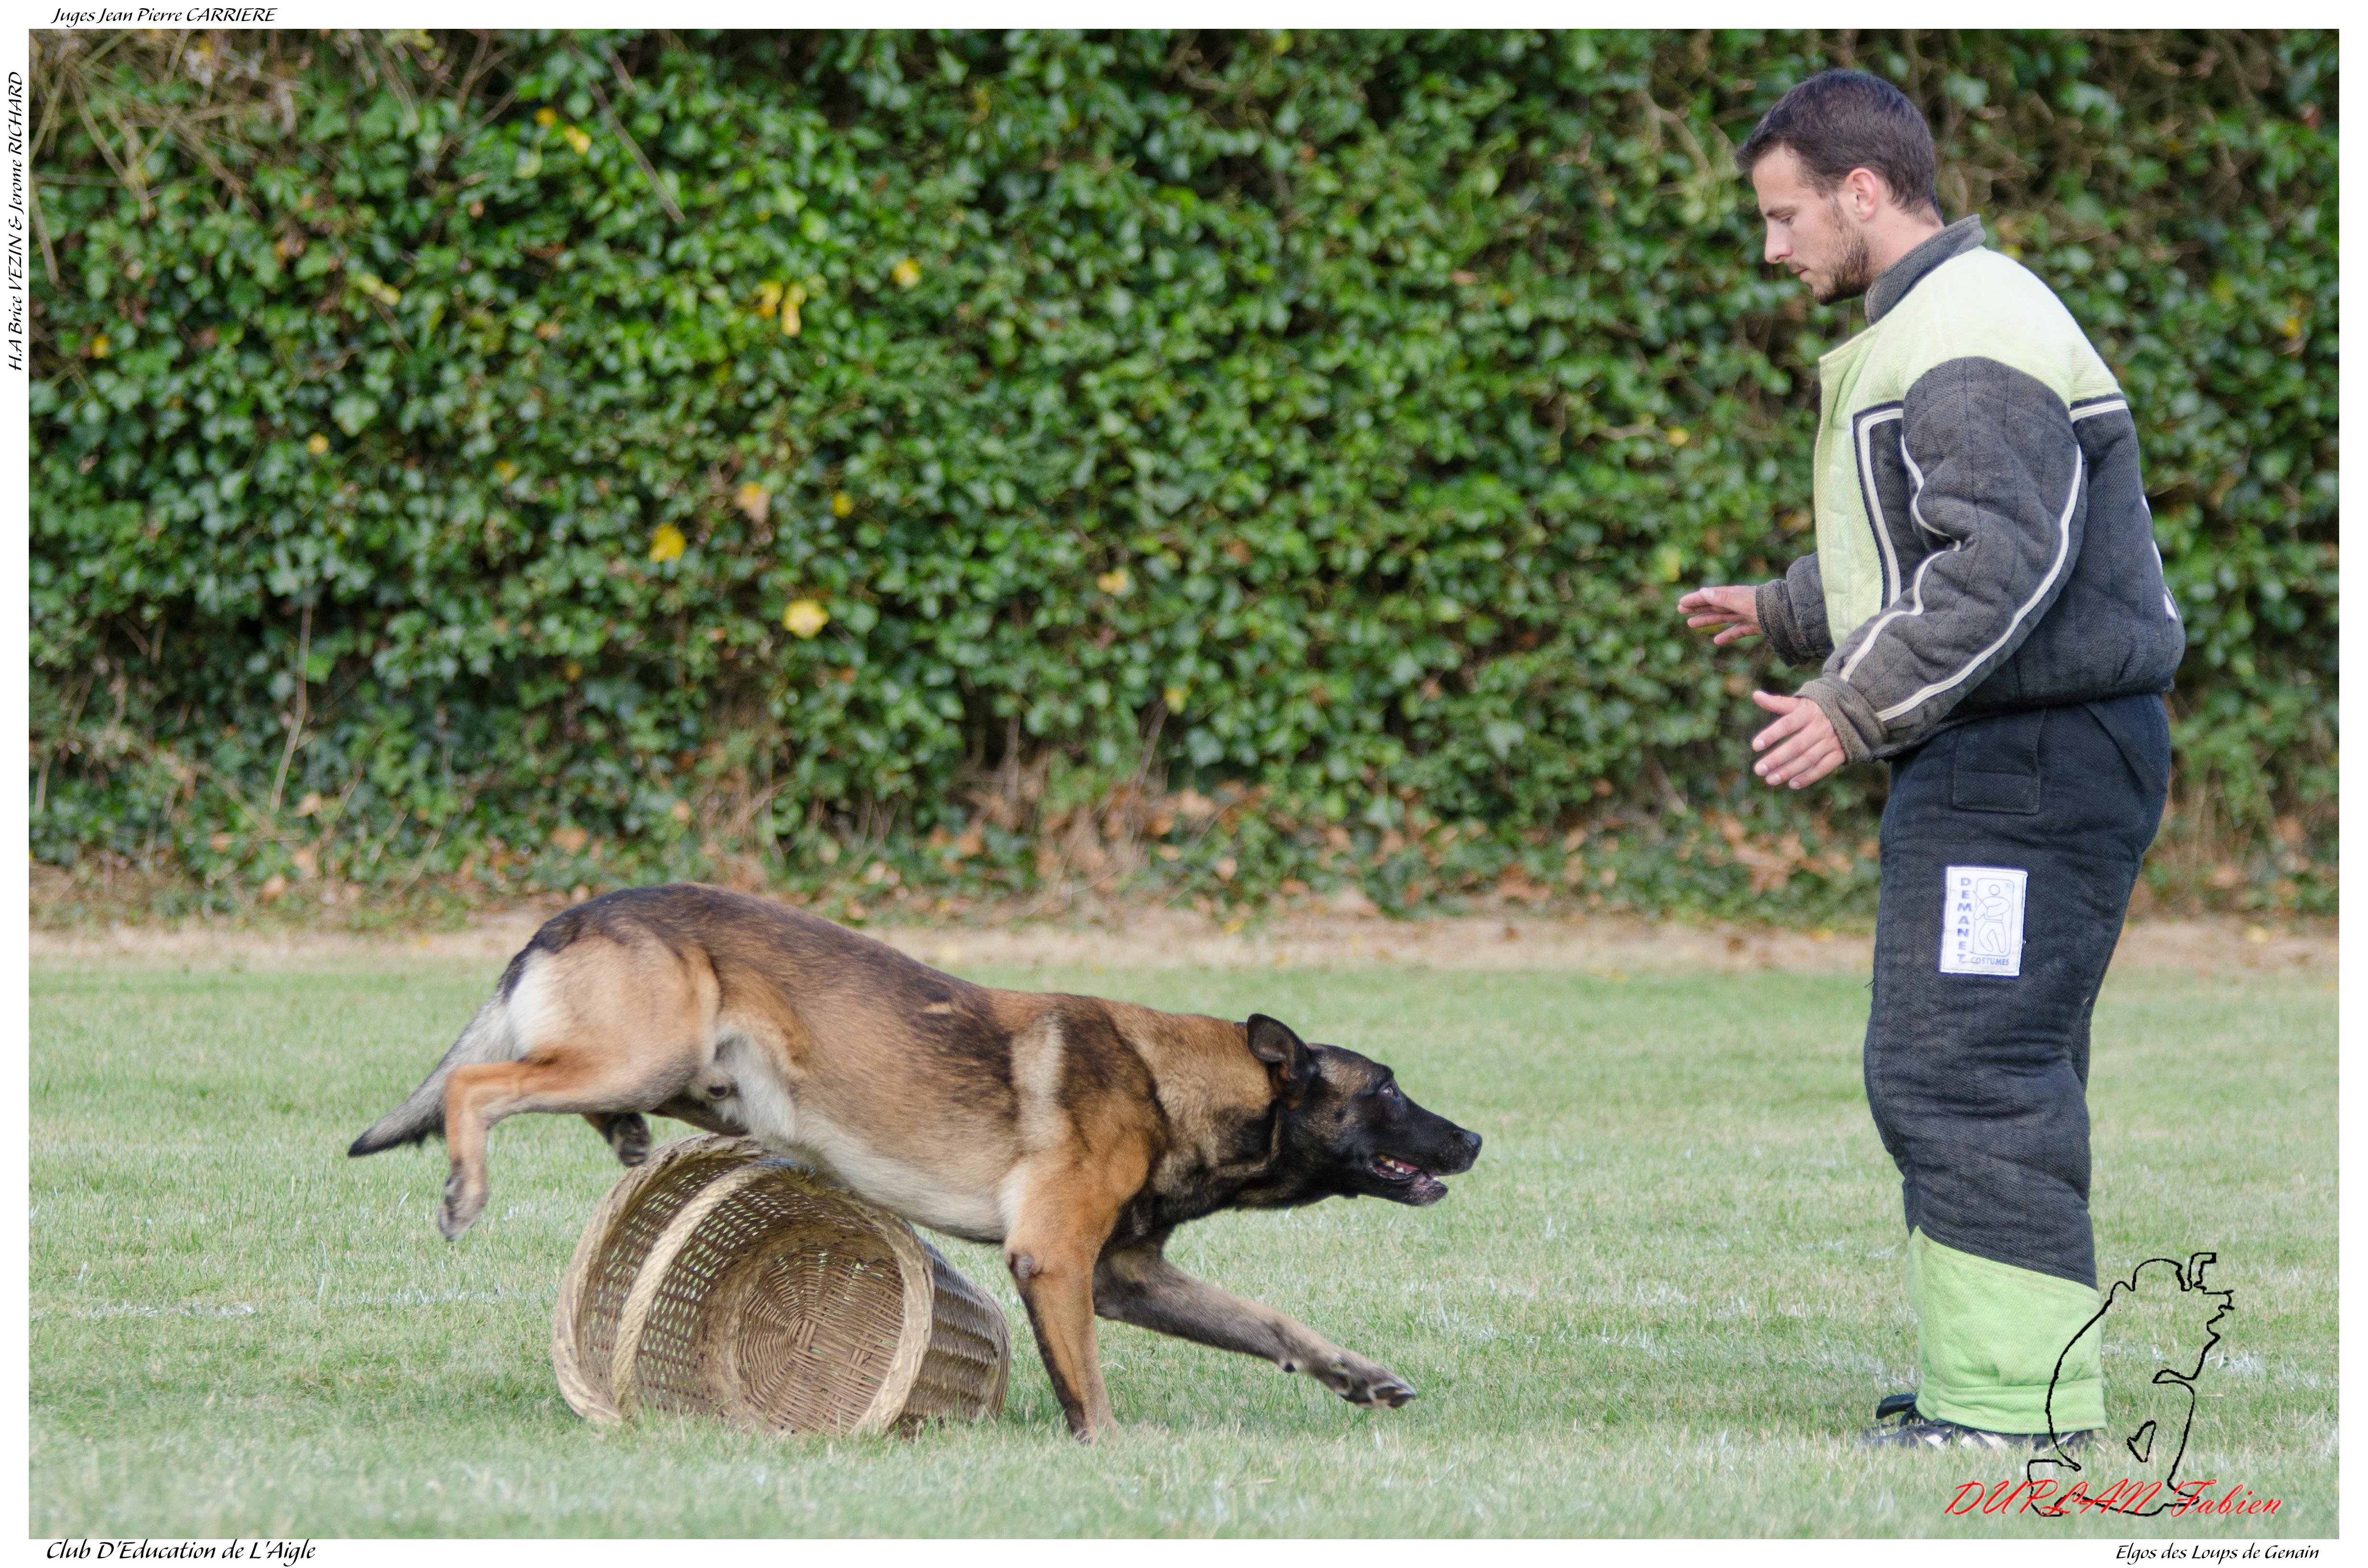 Elgos des loups de genain duplan e - -3518 photo